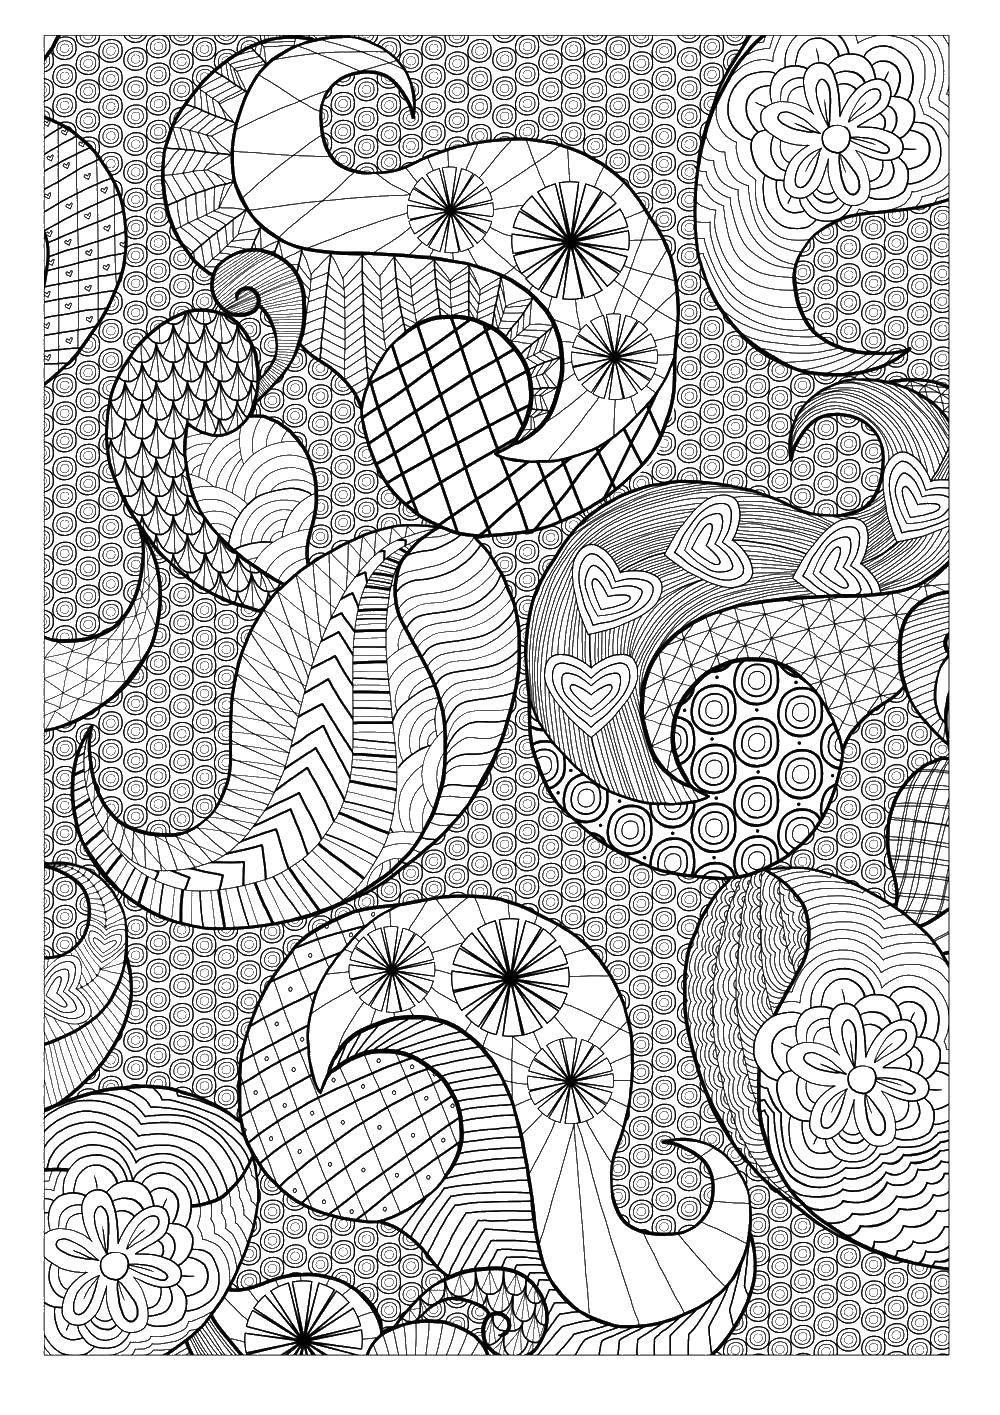 Название: Раскраска Разные узоры. Категория: узоры. Теги: узоры, фоны, узорчики.